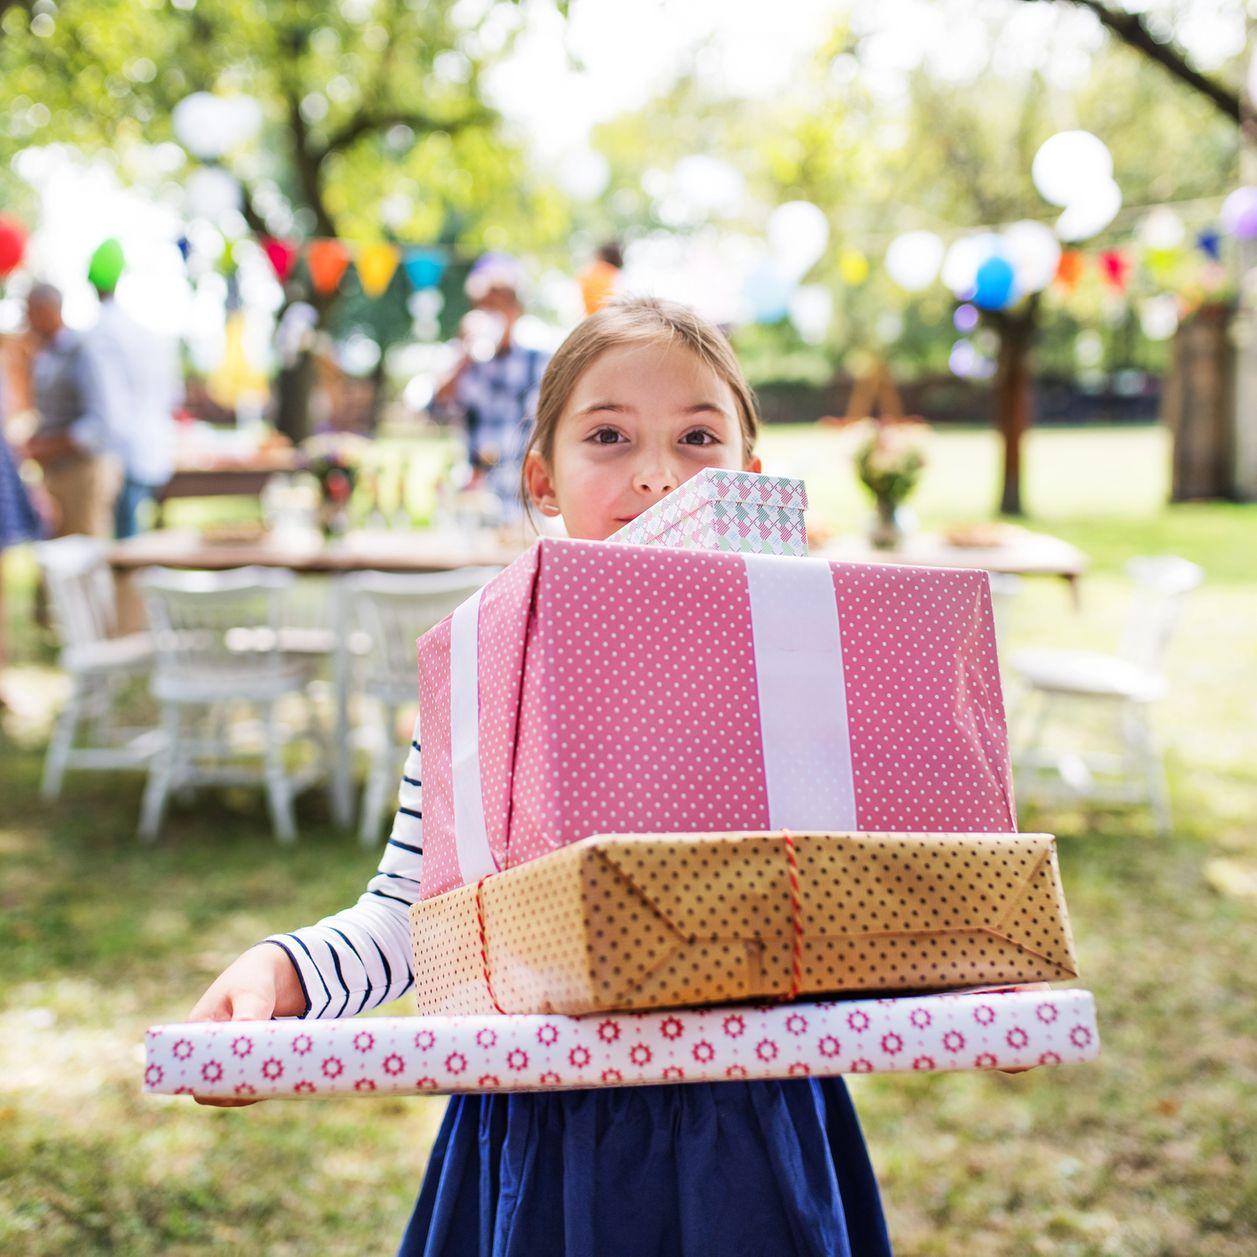 Toutes nos idées de cadeaux pour une fille de 11 ans